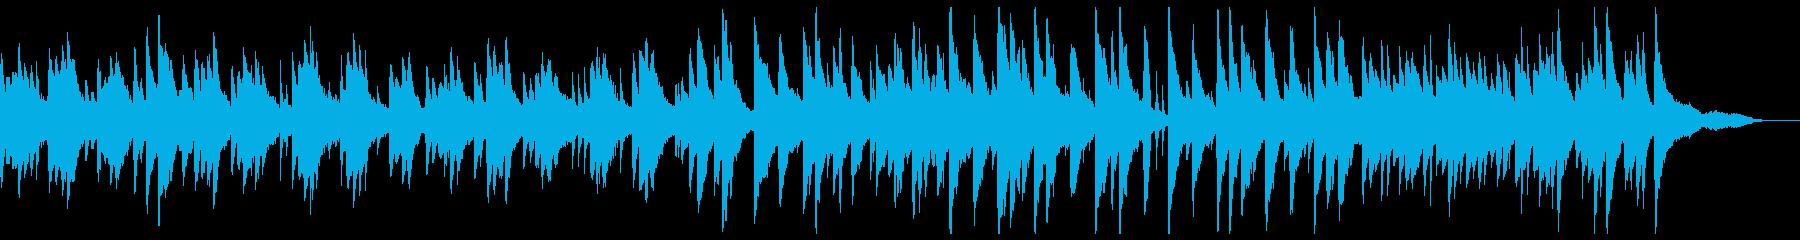 優しいピアノのポップスの再生済みの波形